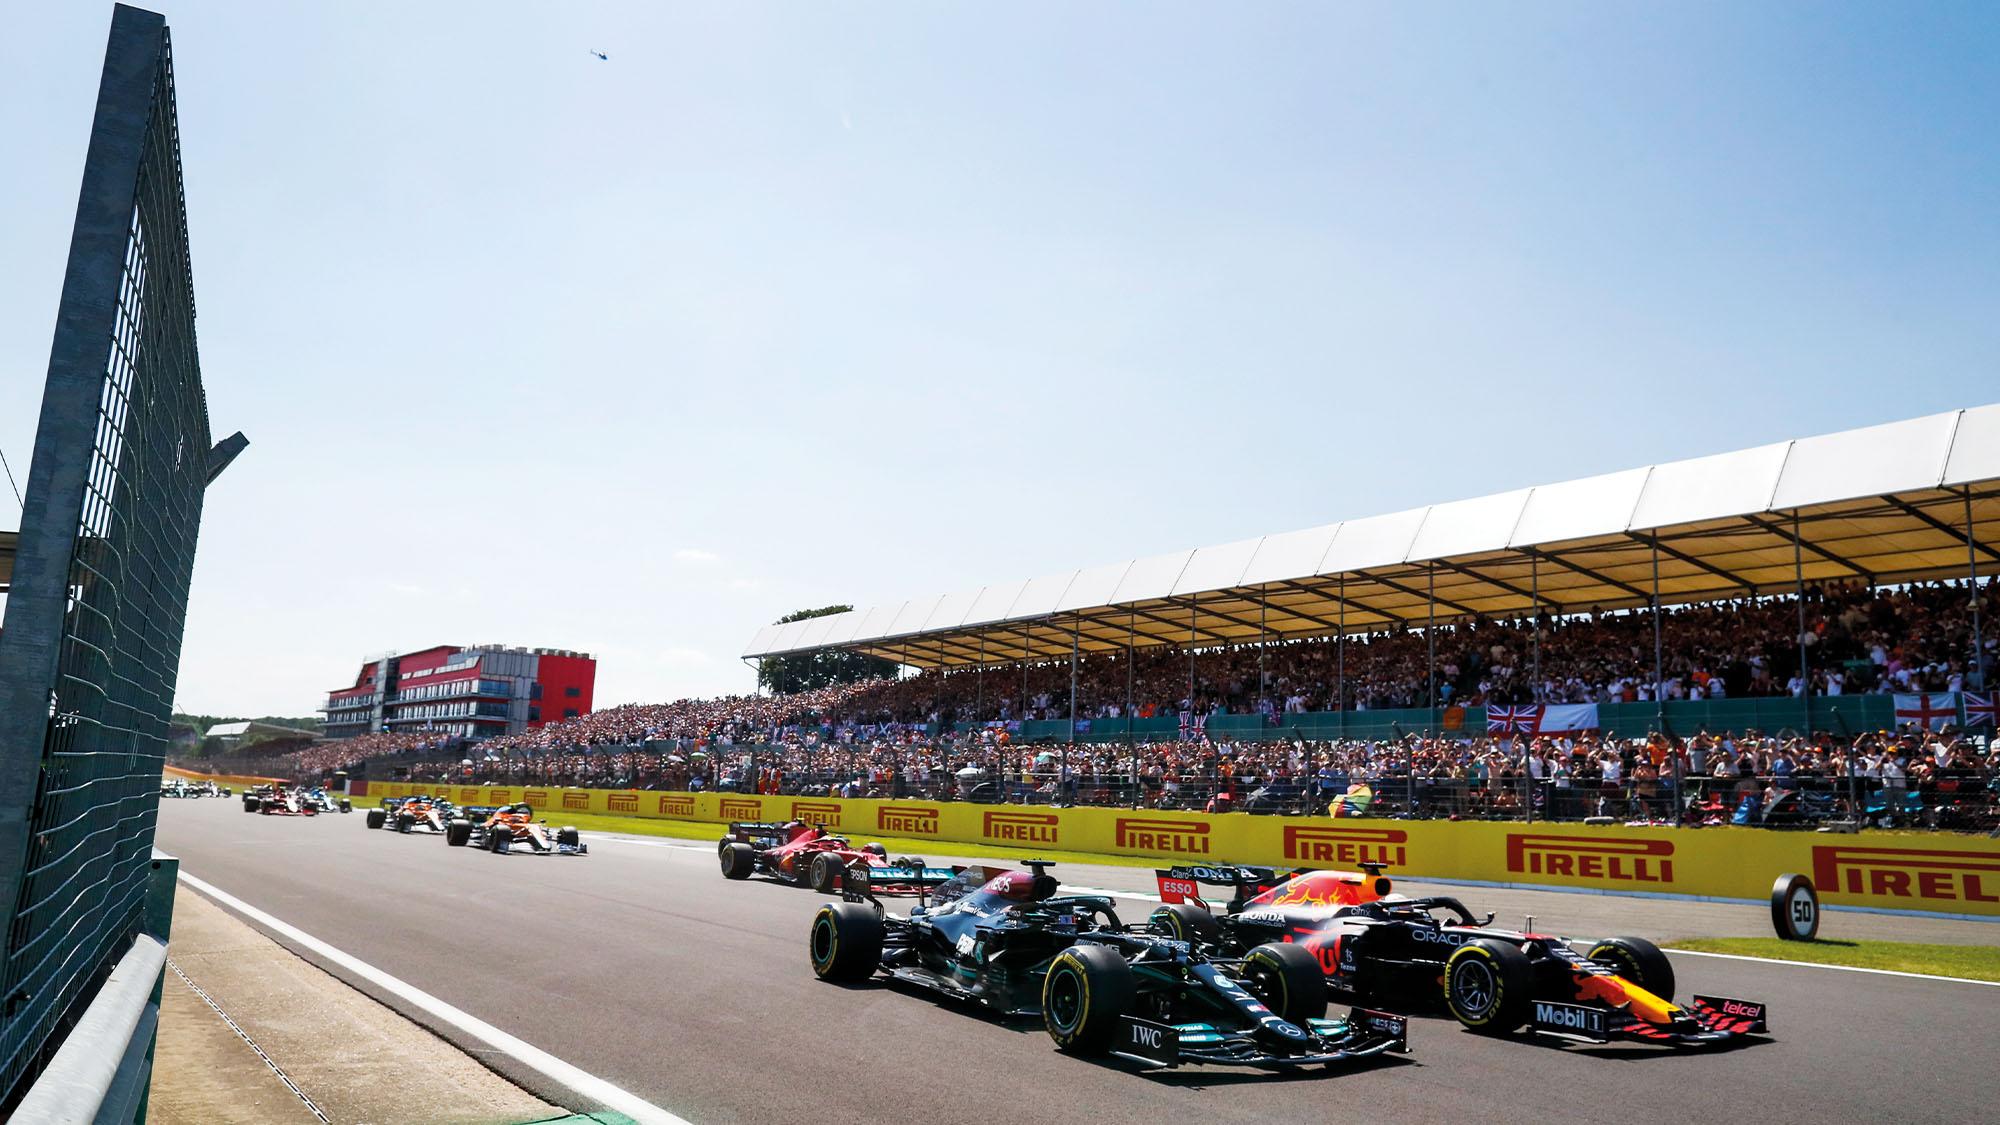 Start of the 2021 British Grand Prix